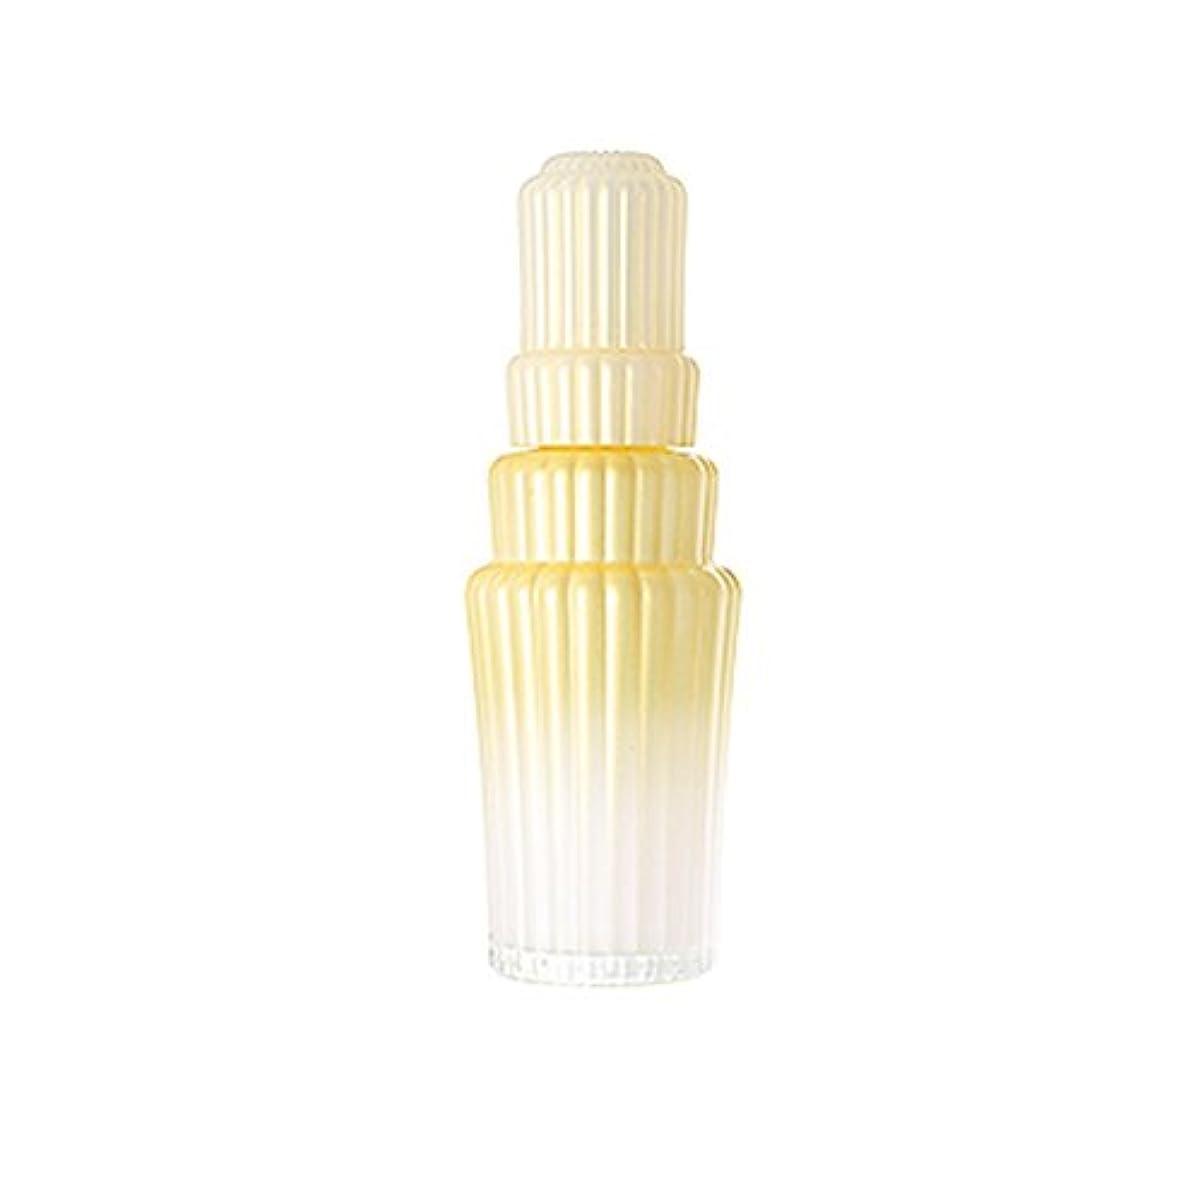 顎言い換えると発見アユーラ (AYURA) モイスチャライジングプライマー コンビネーションドライ W (医薬部外品) 100mL 〈美白化粧液〉 混合乾燥ケア うるおい アロマティックハーブの香り